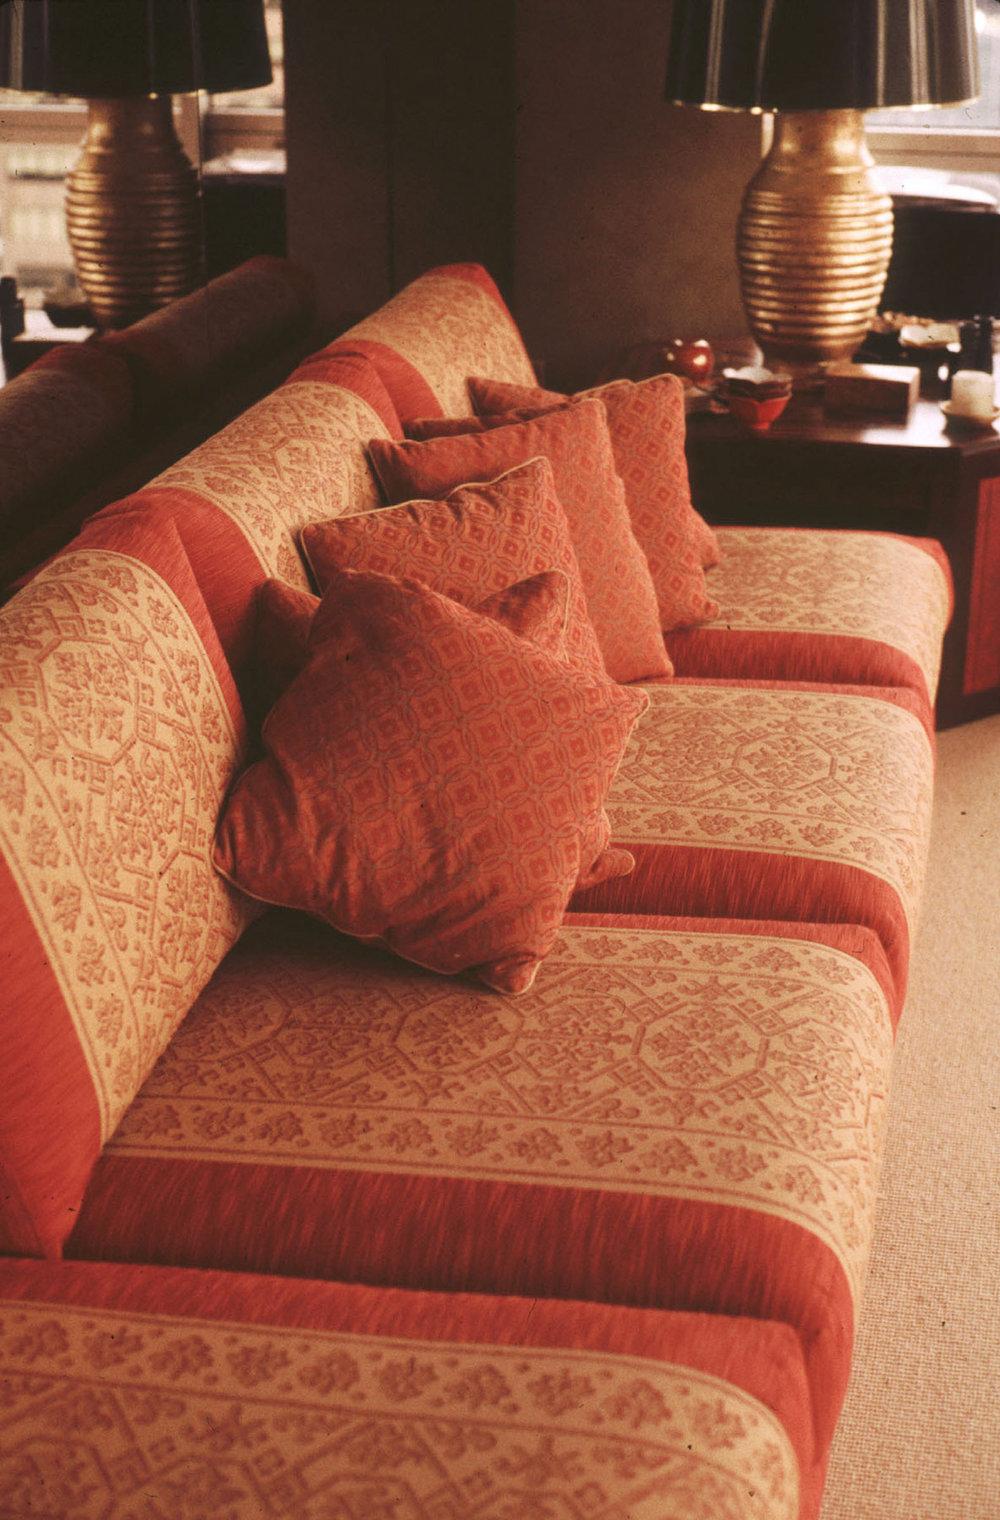 Sumbawa patterns on sofas